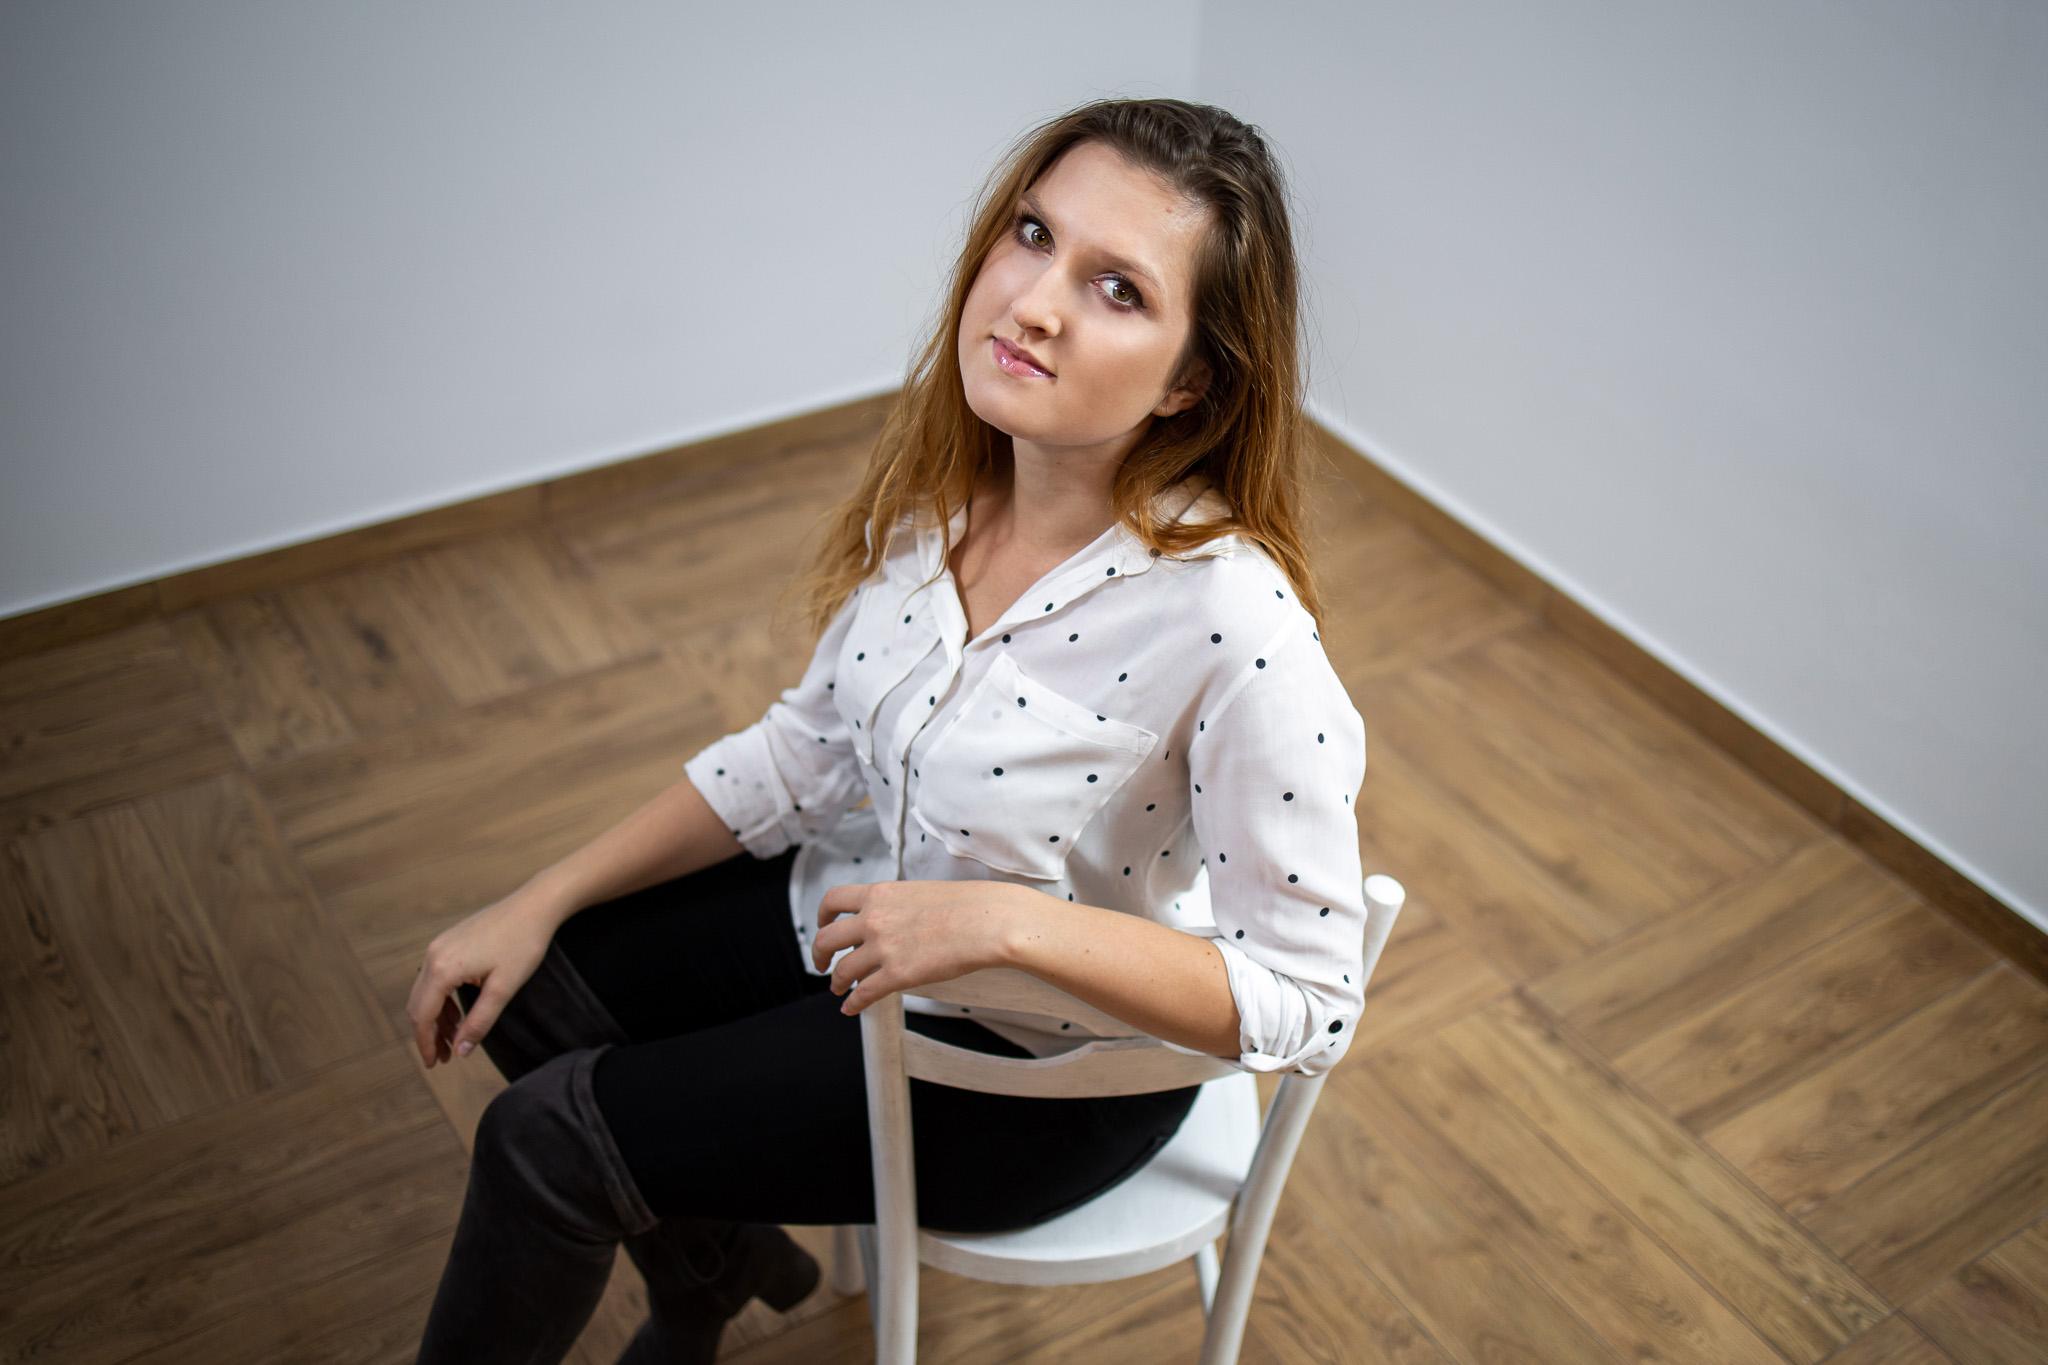 Ewelina studio empiriafoto przemyslaw kuzniewski prostokat 02